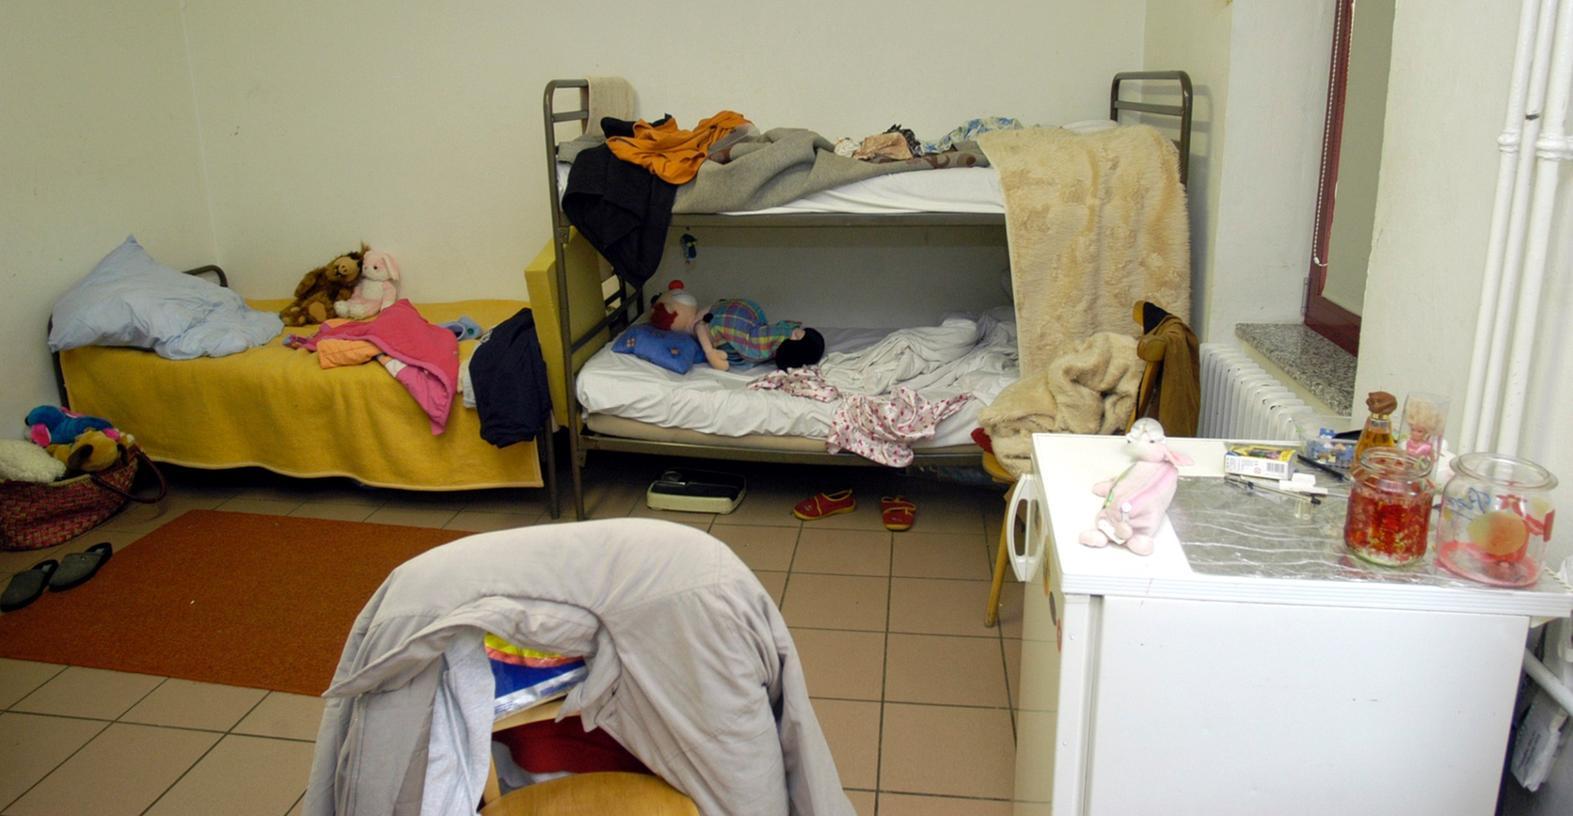 Würzburg soll wieder neue Asylbewerber aufnehmen, hier ein Bild aus der Unterkunft für Asylbewerber in Zirndorf.